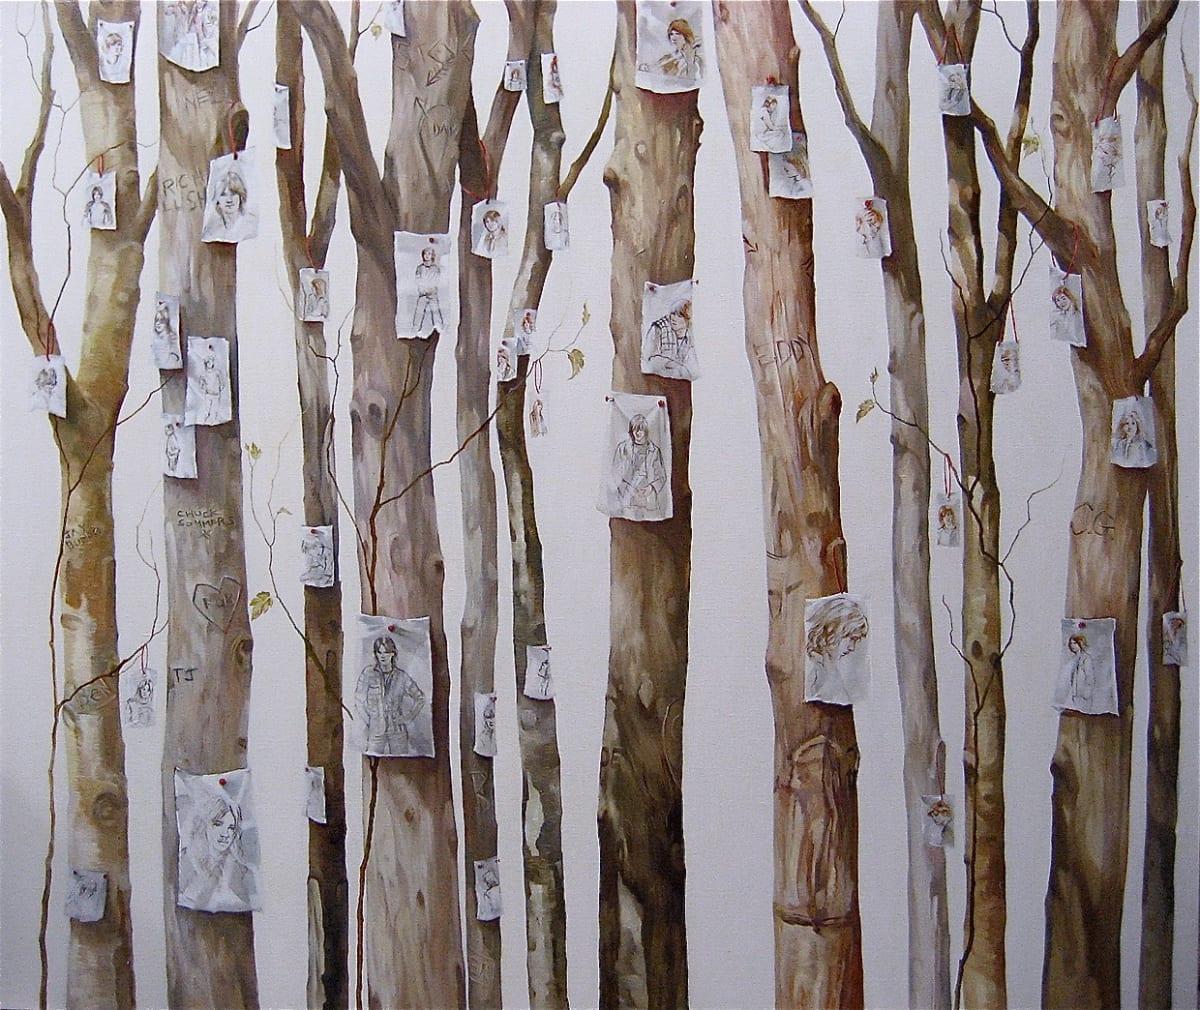 Grace O'Connor Devotion, 2009 Oil on Linen 122 x 137 cm 48 x 53.9 in